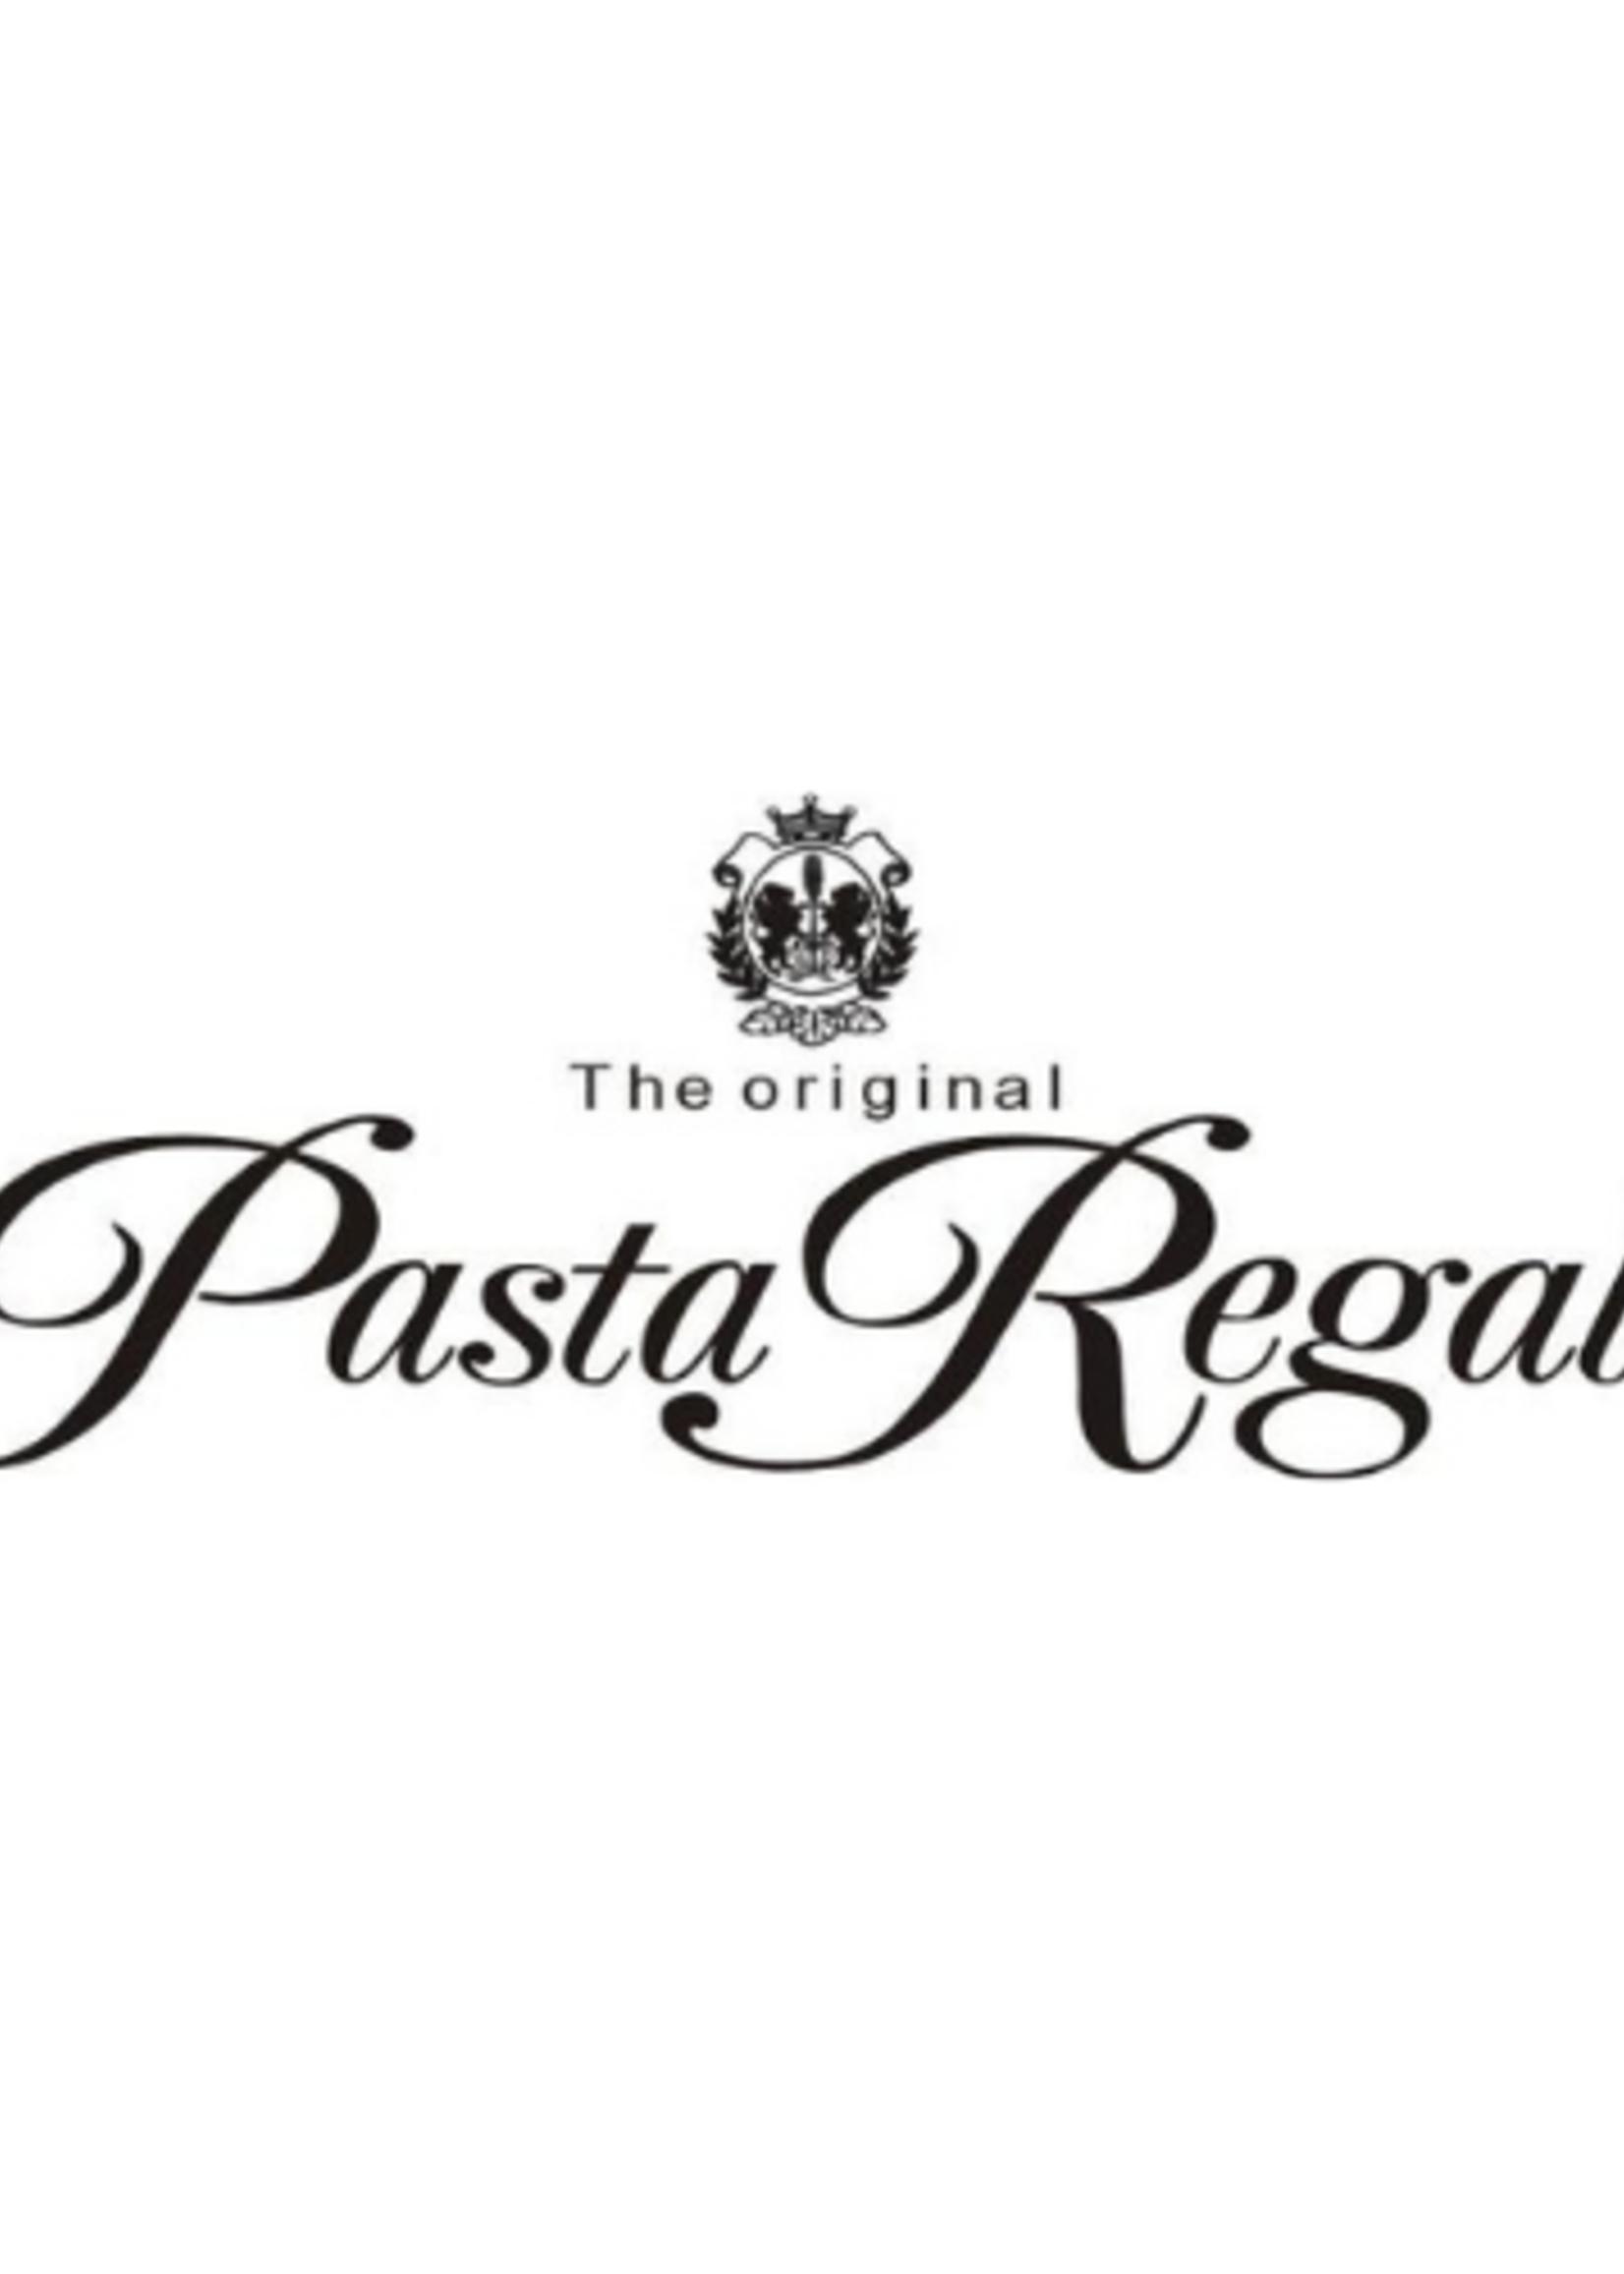 Pasta Regalo Pasta Regalo - Whole Wheat Tagliatelle